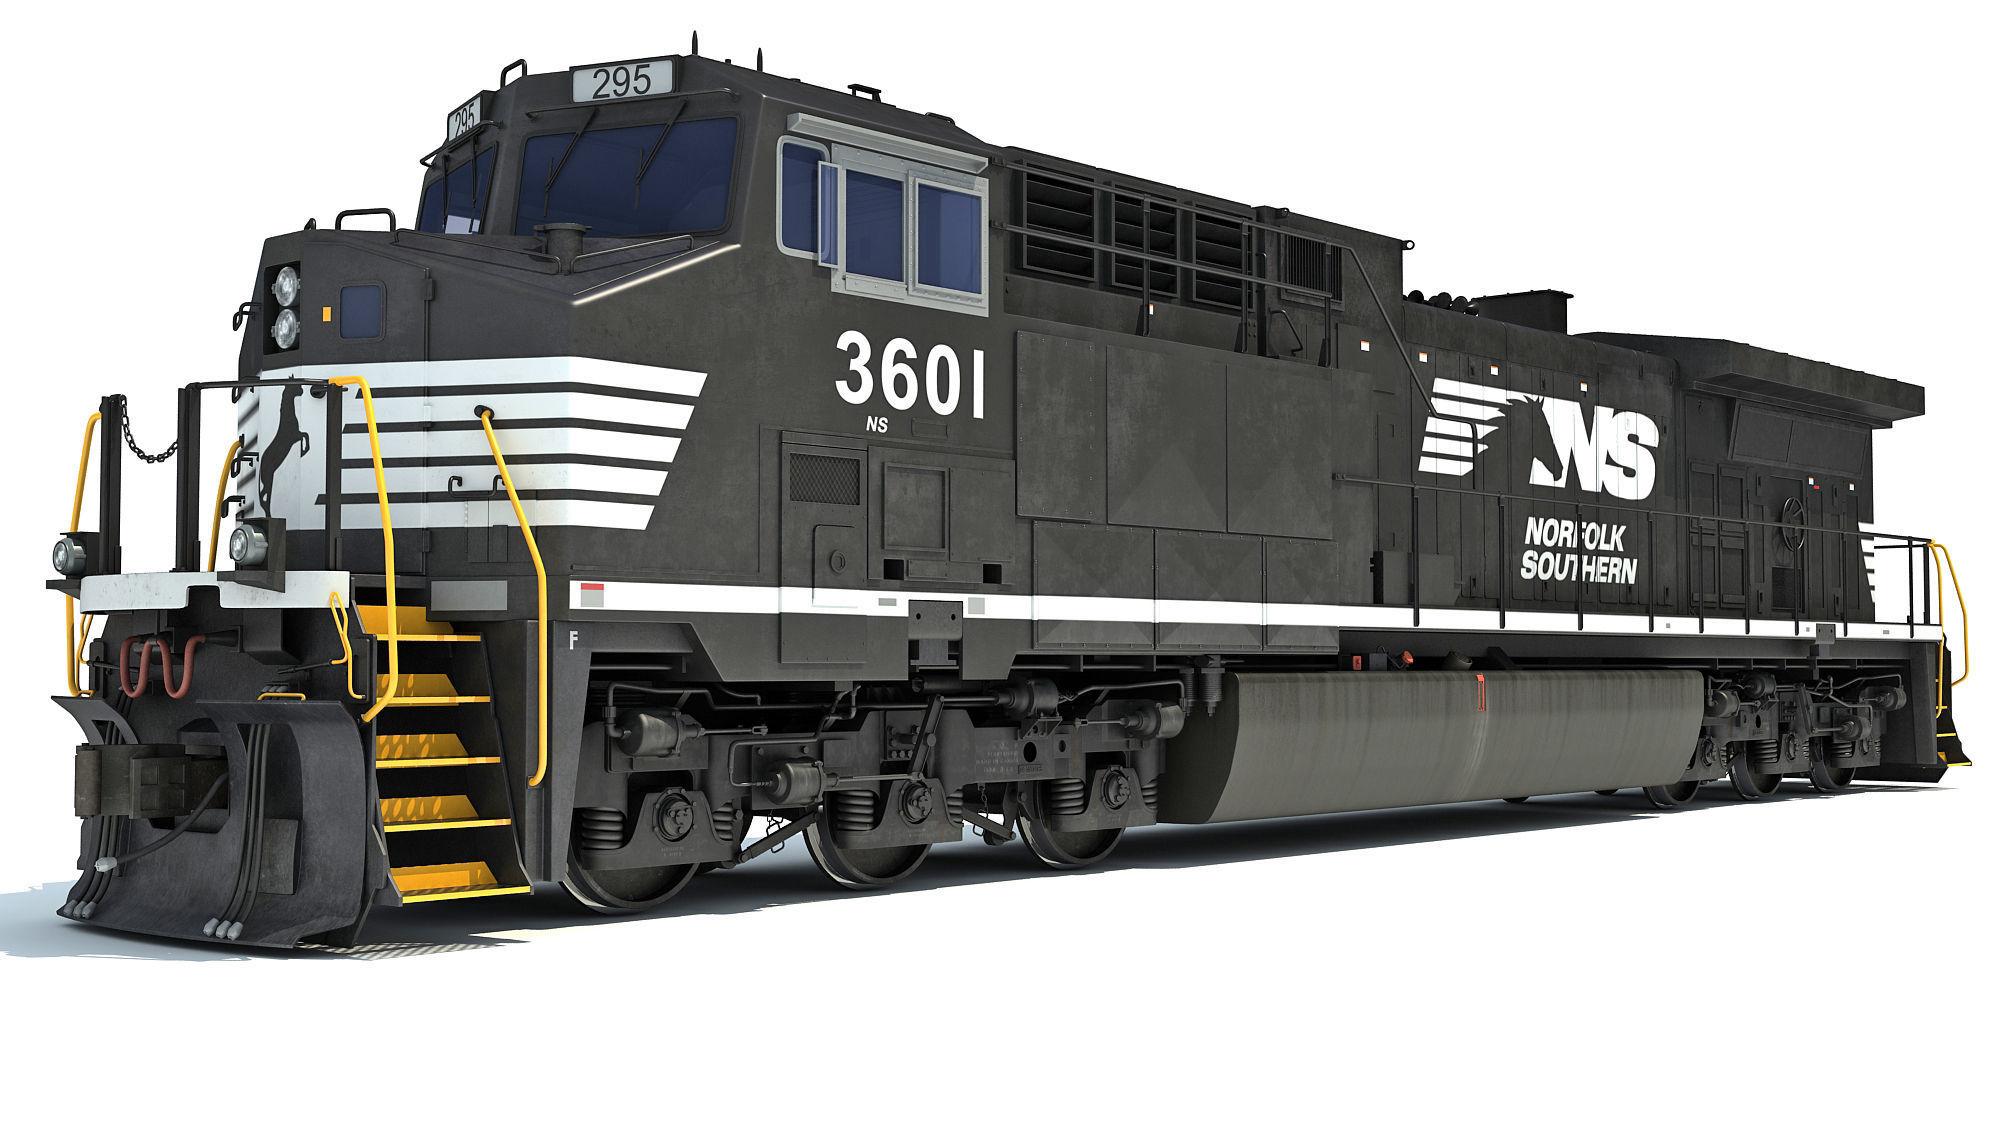 Norfolk Southern Locomotive